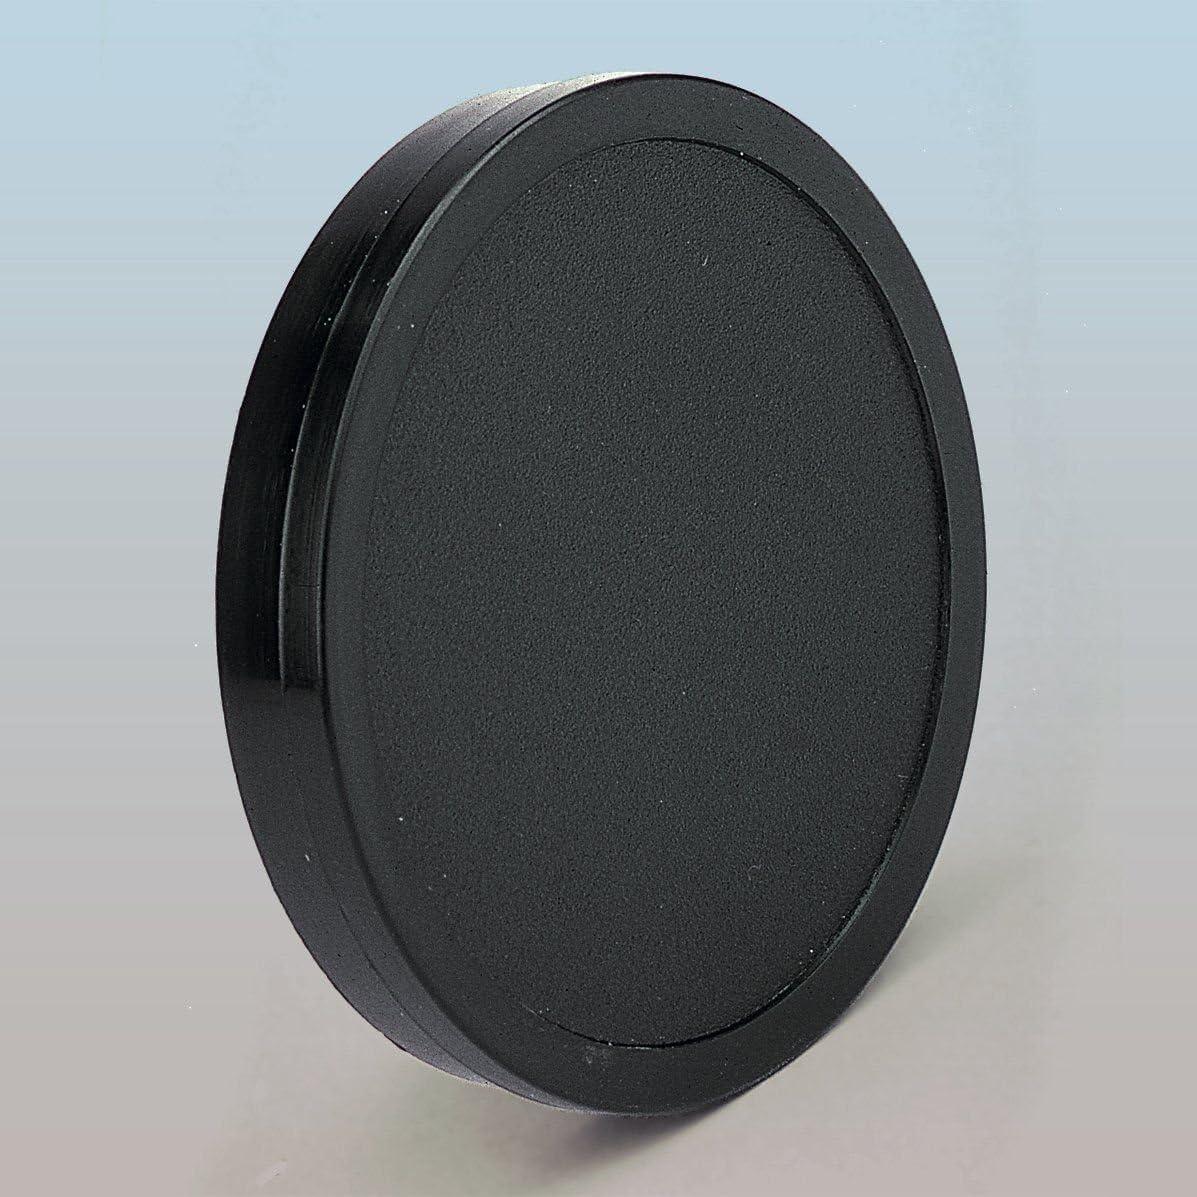 Di/ámetro: 46/mm ES46 ES46 /tapa /Fabricado en Alemania//Heliopan Lens Cap Diameter: 46/mm / Heliopan de objetivo de/